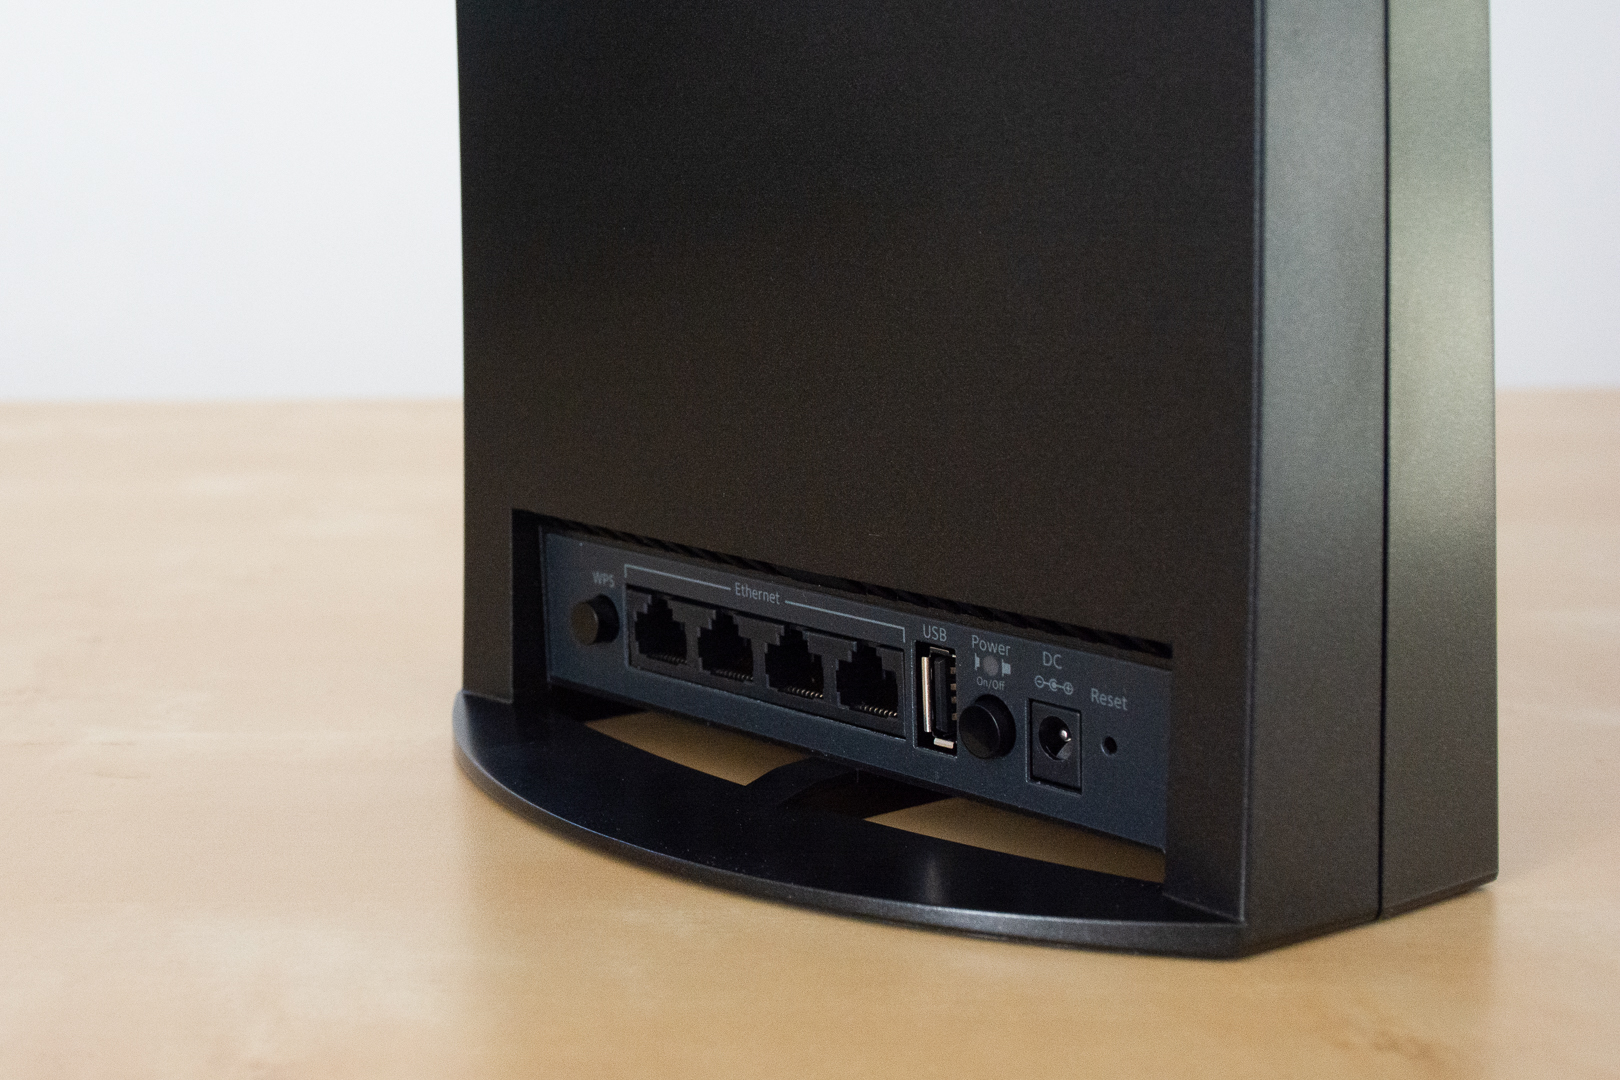 Connectiques du répéteur : 4 ports ethernet et un port usb